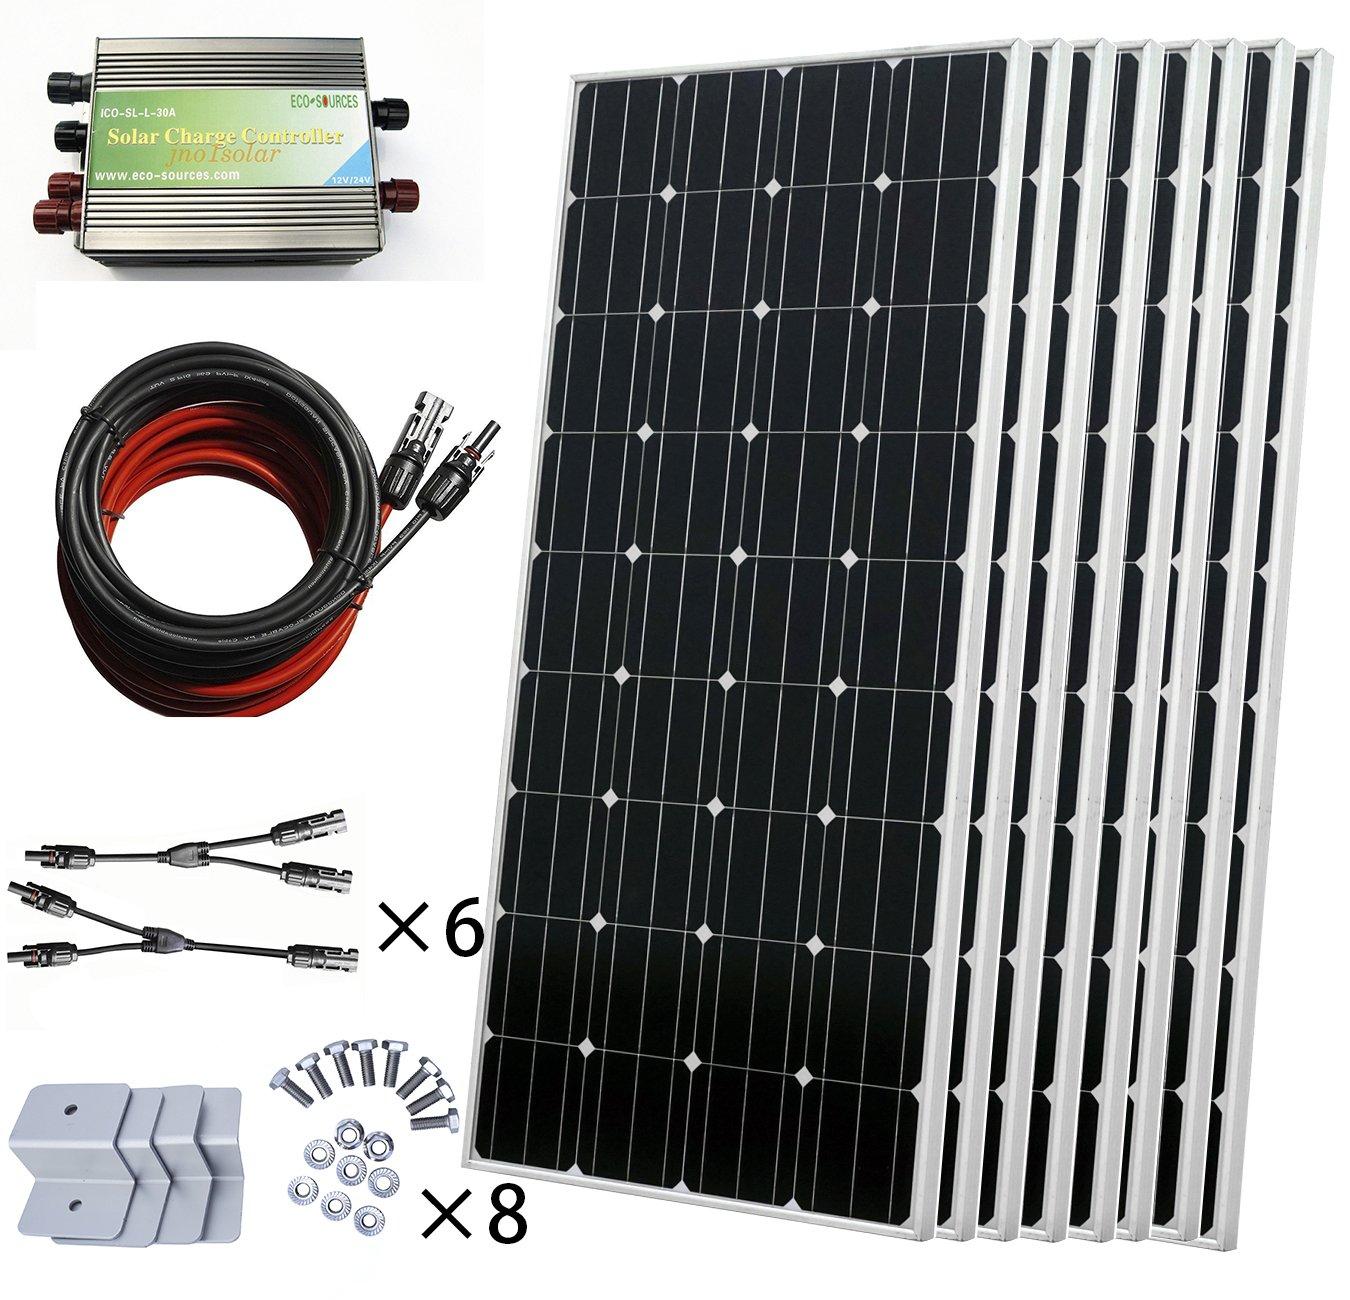 Kit de batería de repuesto para panel solar de 1200 W ...